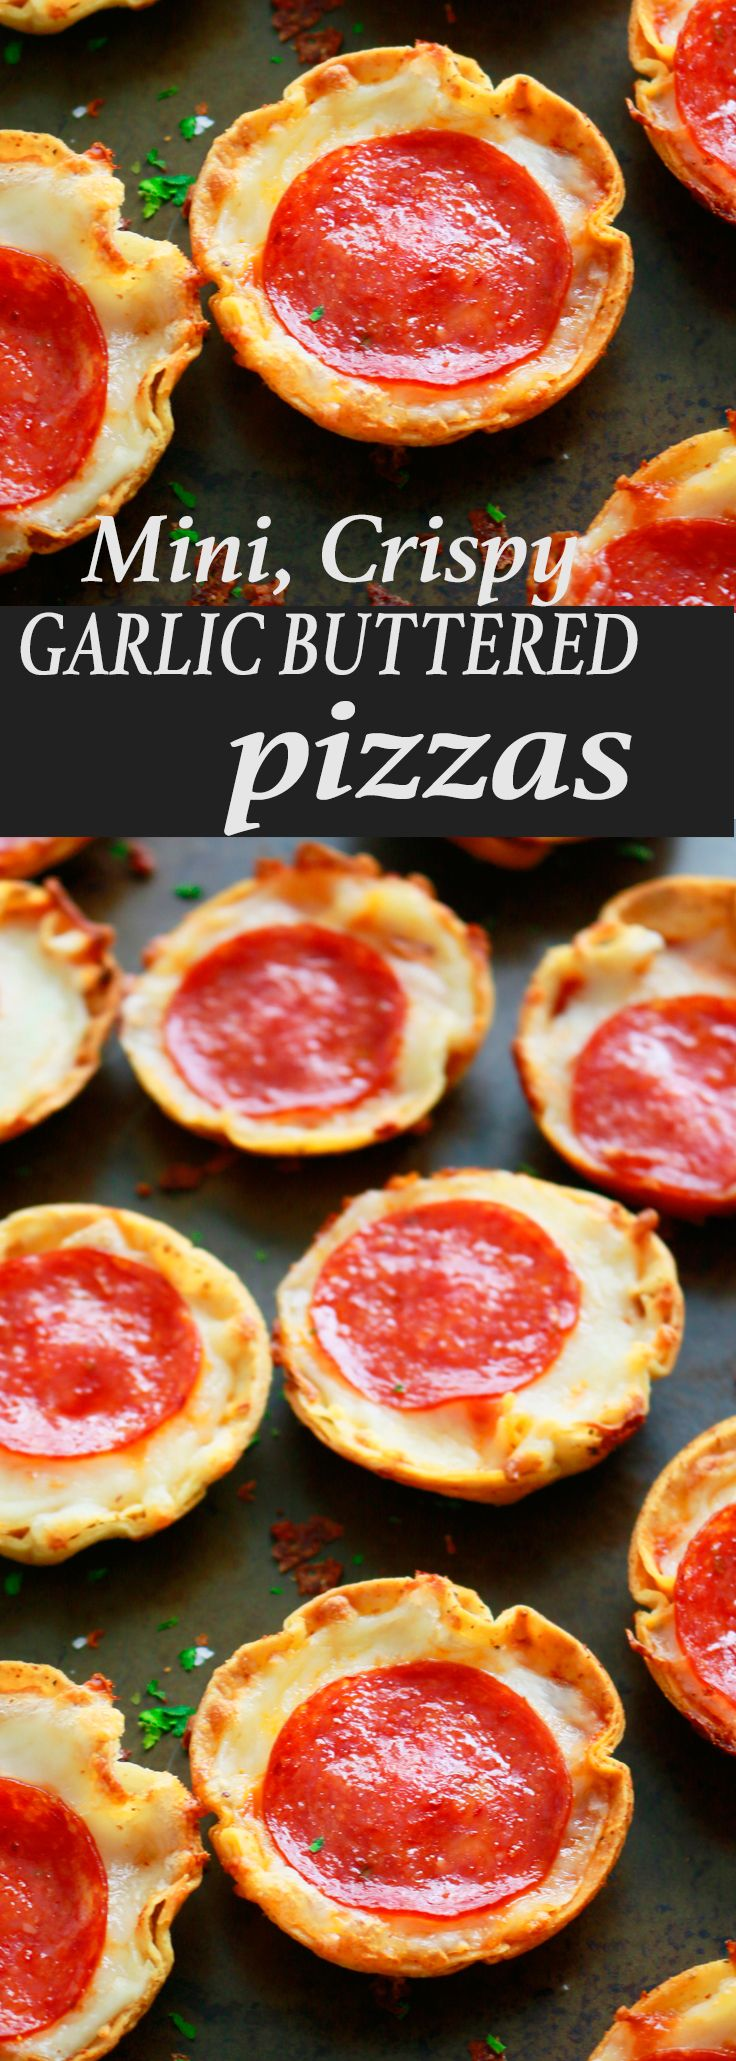 mini pizza   tortilla pizza   pizza bites   pizza for kids   garlic pizza   pizza appetizers   easy pizza   garlic butter pizza   mini pepperoni pizza  